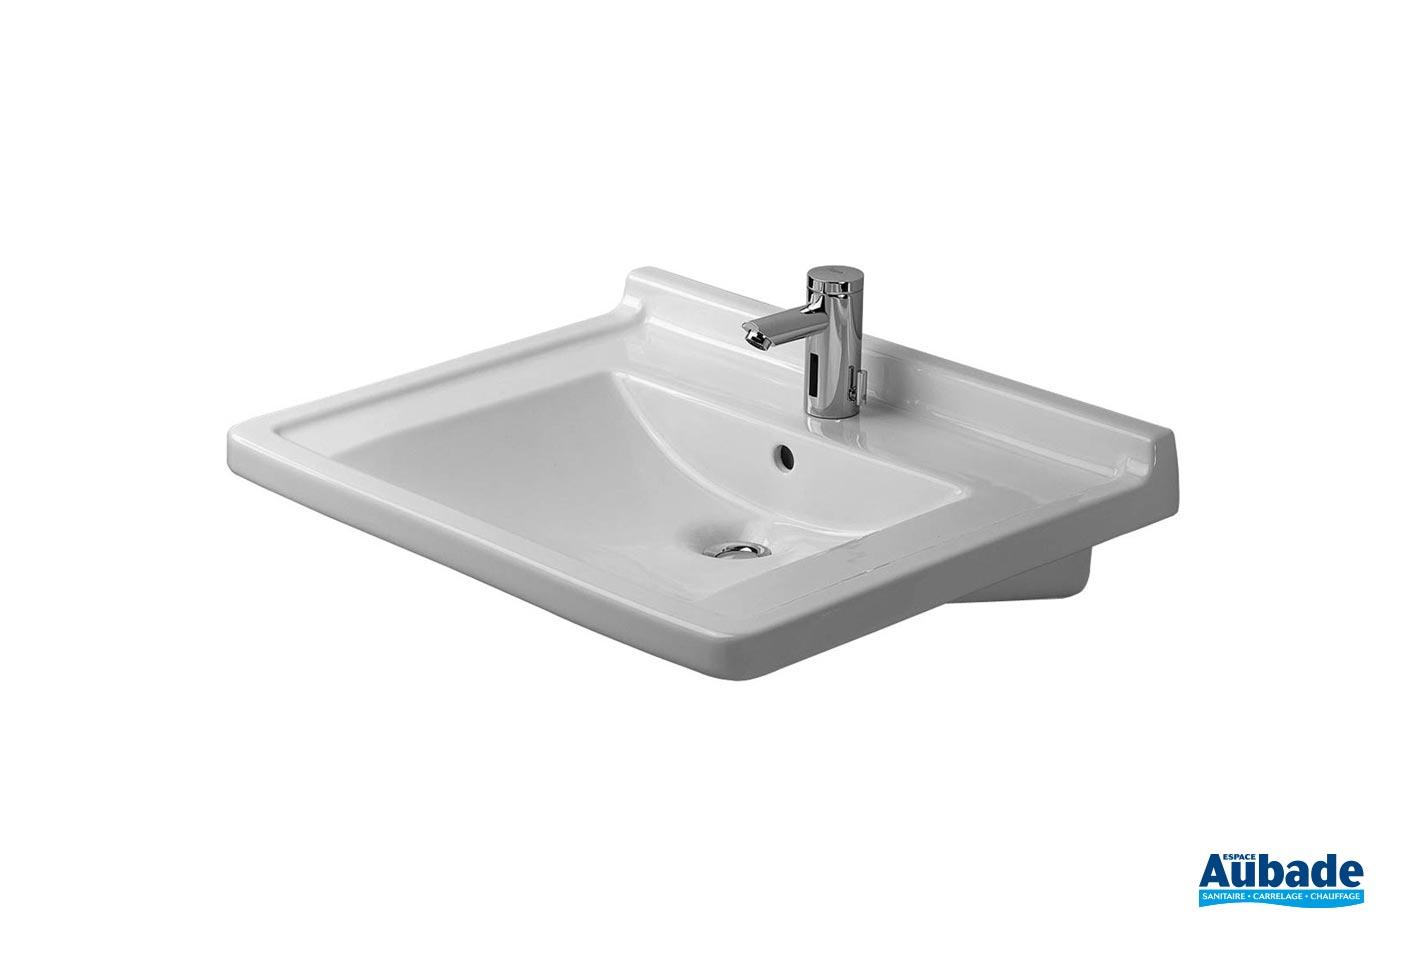 Lavabo Personne Mobilité Réduite lavabo collectif : lavabo handicapé duravit starck 3